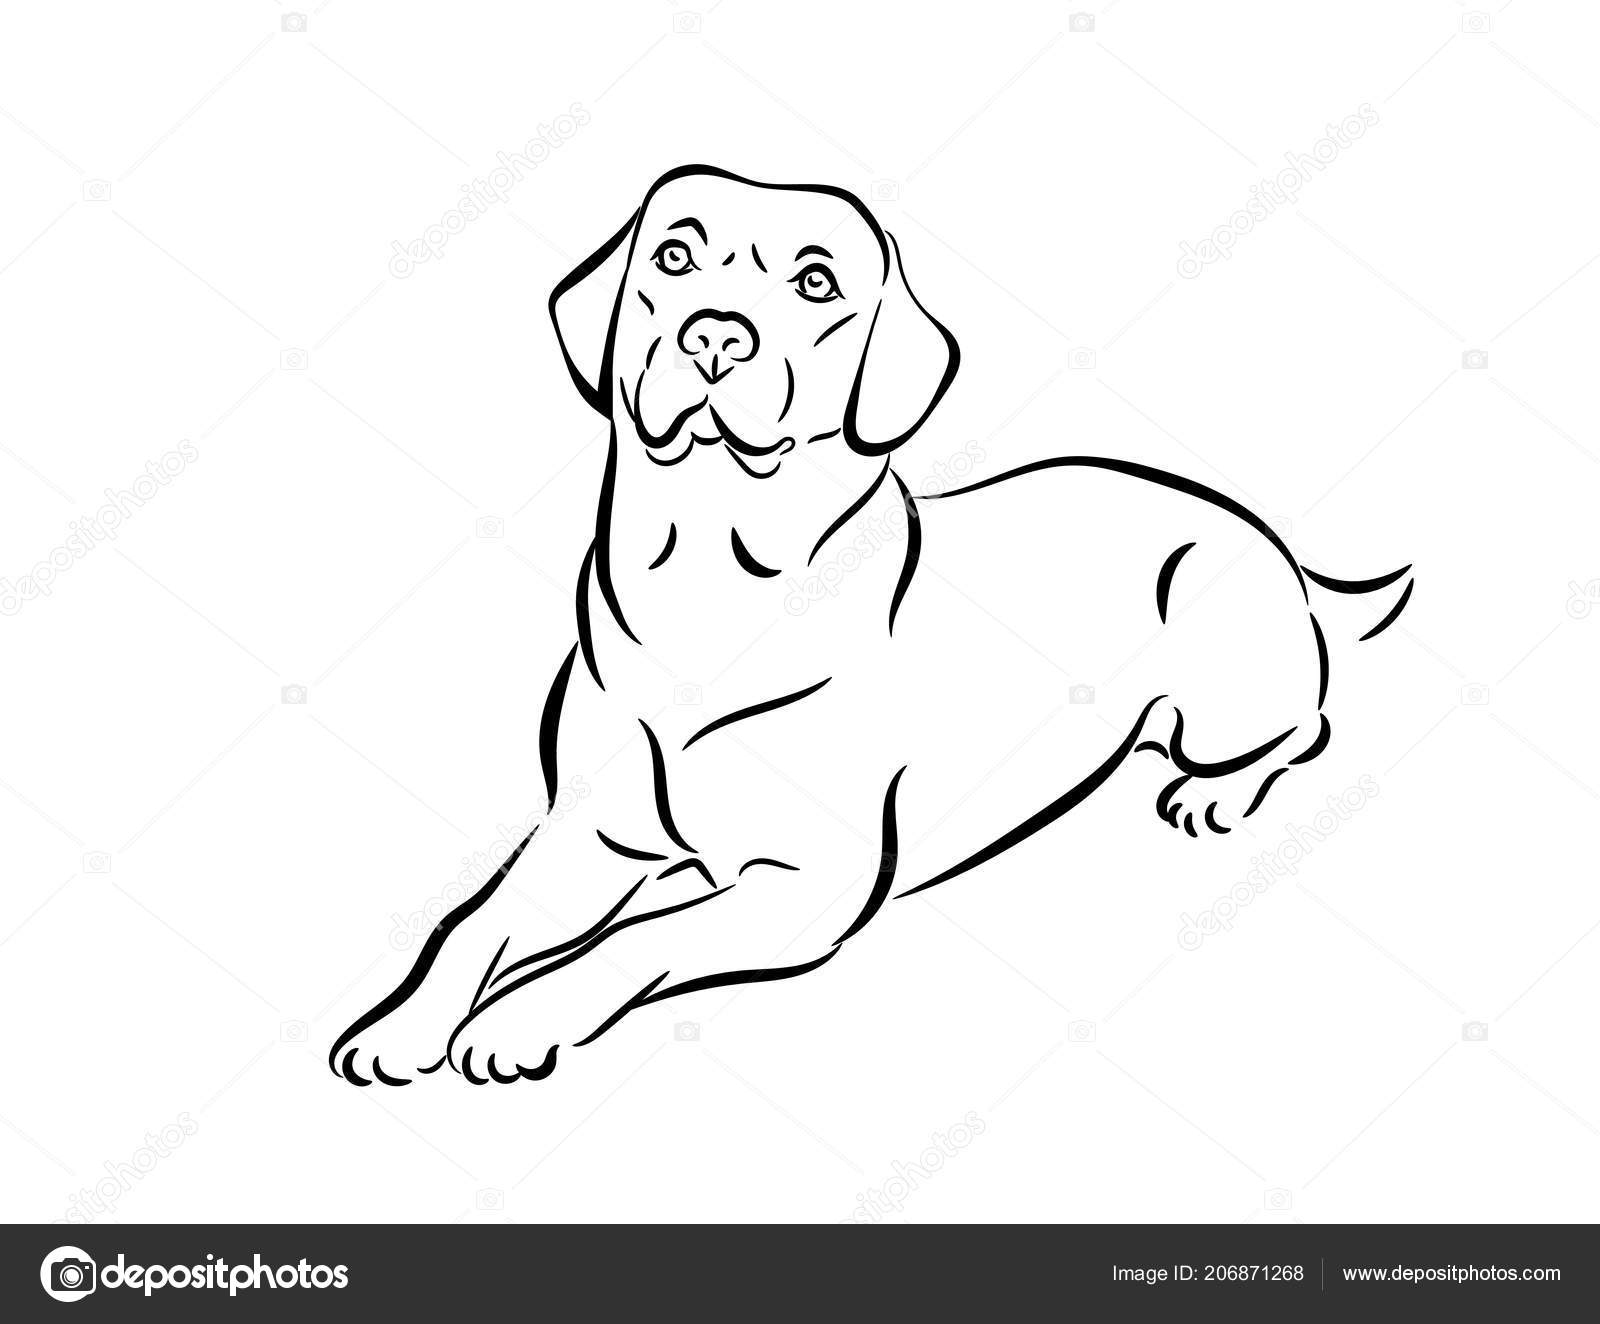 Ilustración Trama Del Labrador Contorno Blanco Negro Mentira